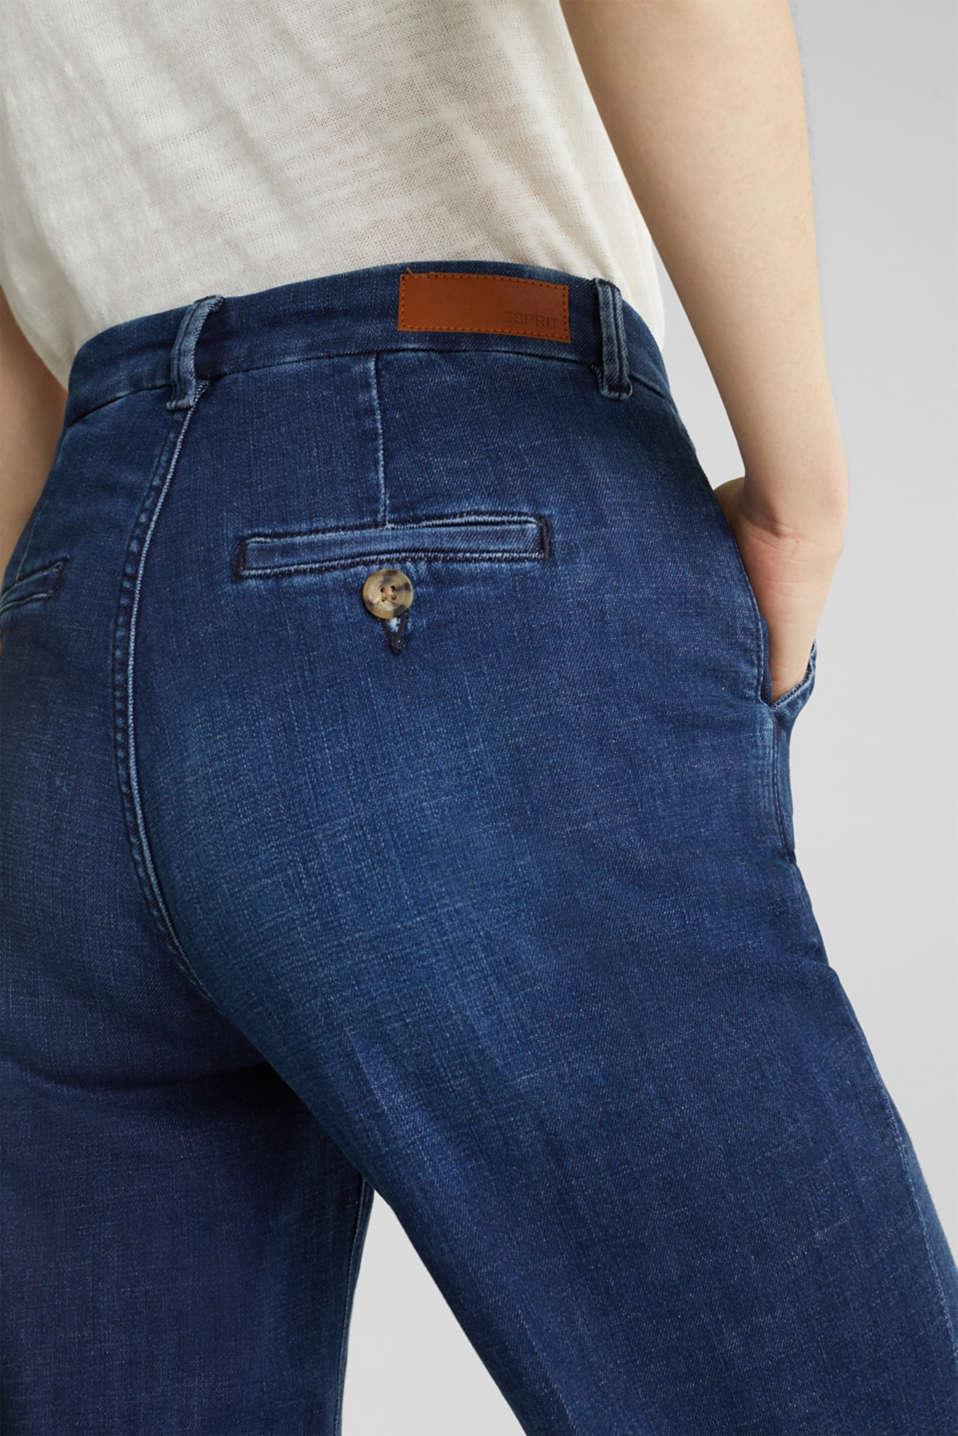 Jeans, BLUE DARK WASH, detail image number 5